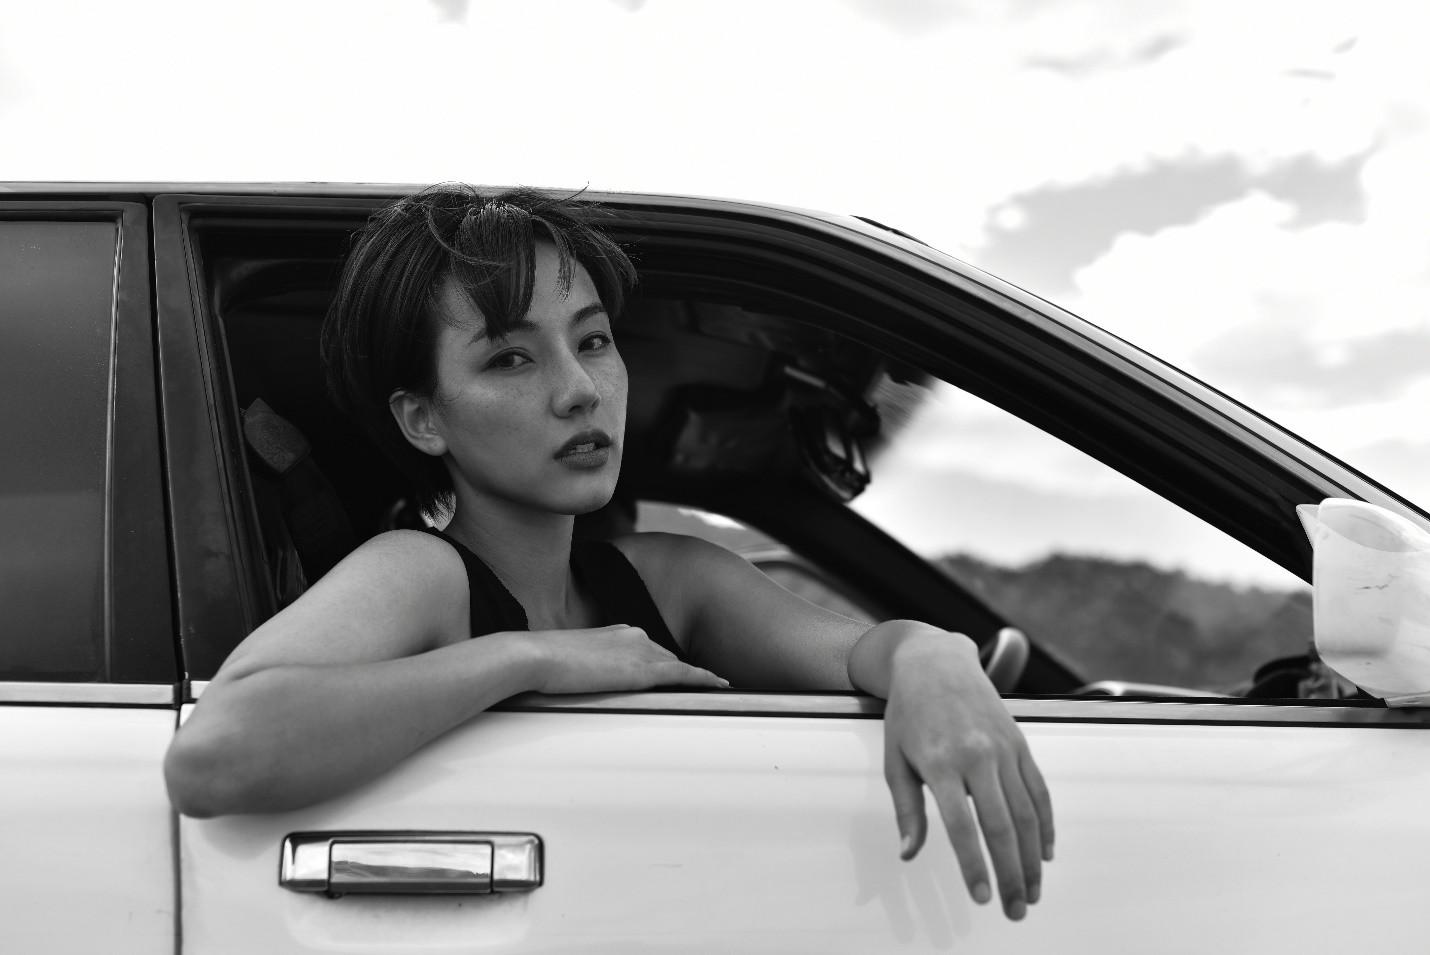 """Sau bao mùa The Voice, học trò Hồ Ngọc Hà và Lam Trường chính thức chào sân Vpop với """"Anh Đưa Em Đi"""" - Ảnh 4."""